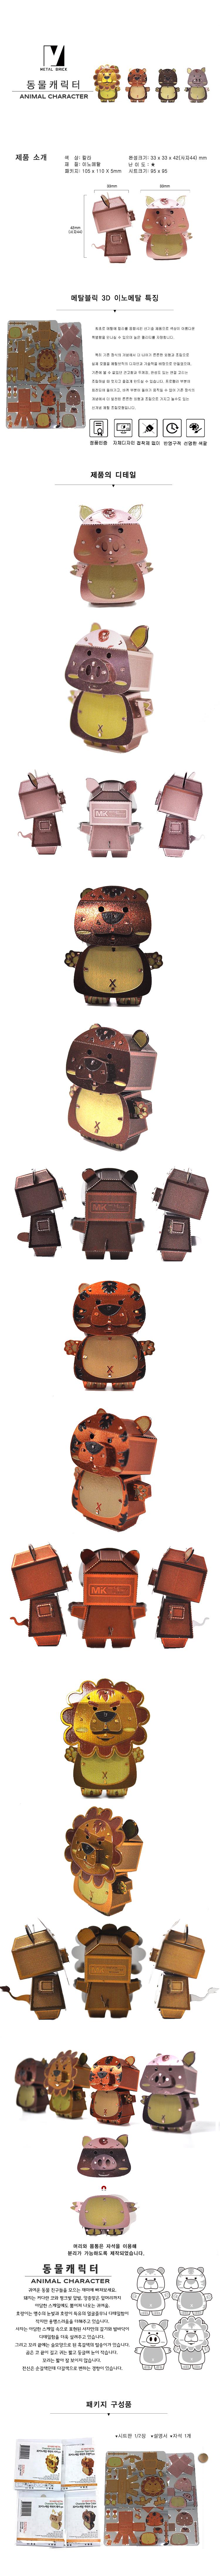 3D 이노 메탈 퍼즐 동물캐릭터 돼지 사자 곰 호랑이 모형 - 메탈브릭, 6,000원, 조각/퍼즐, 3D입체퍼즐